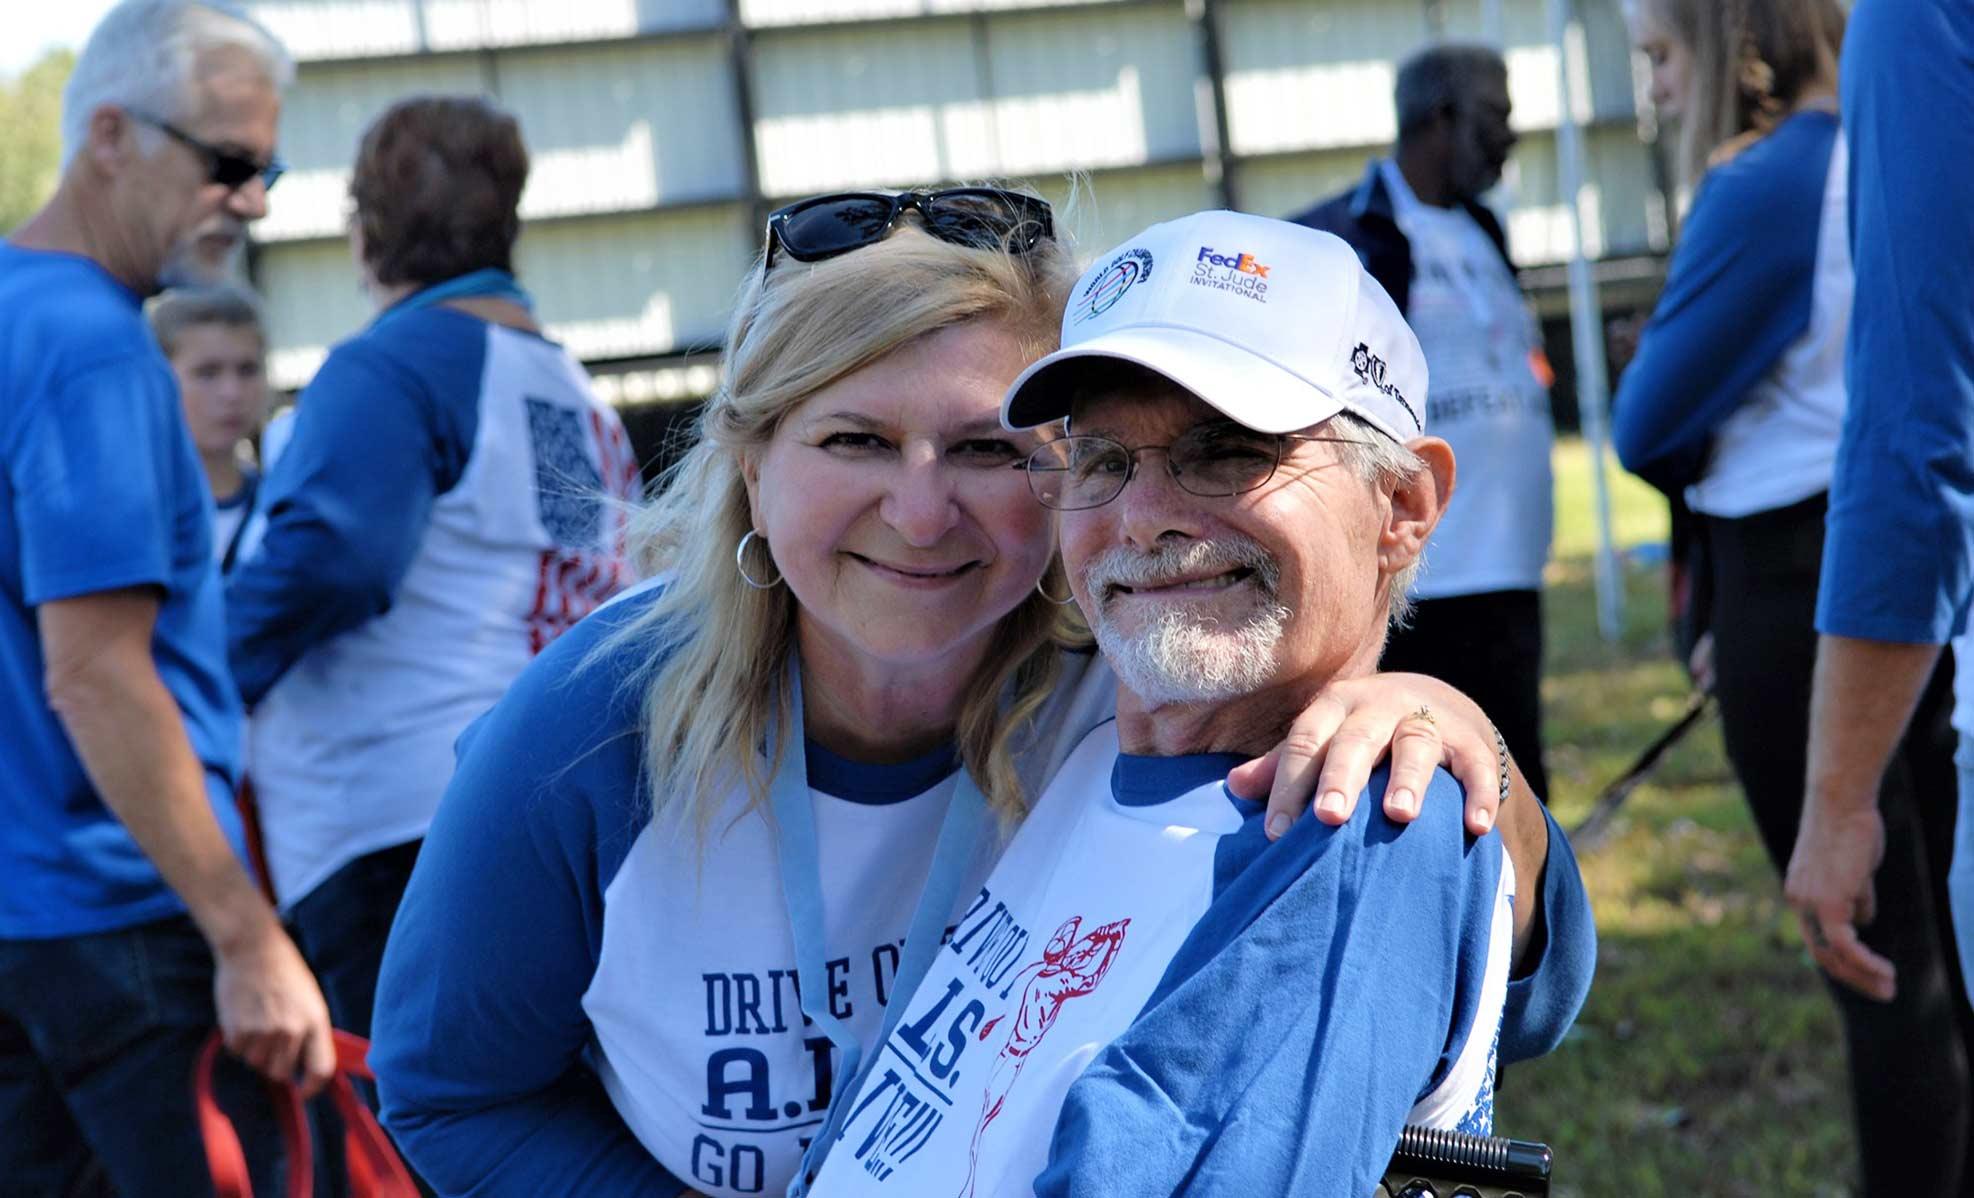 ALS walk participants